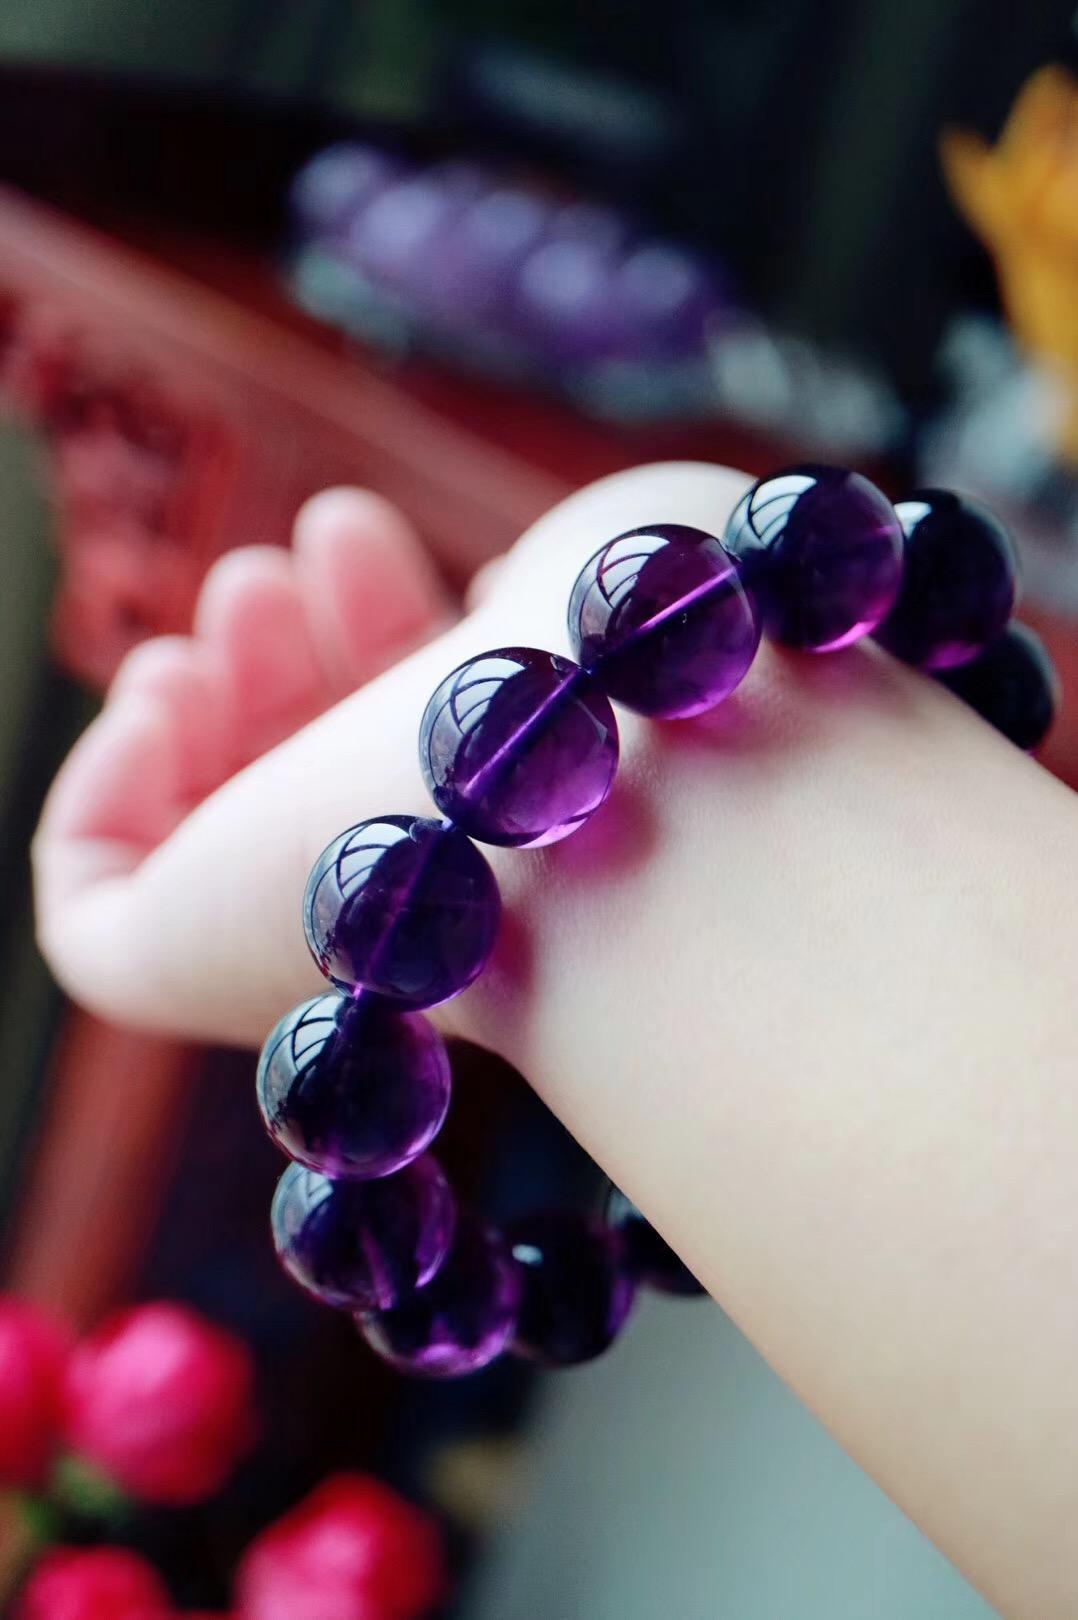 【菩心紫水晶】紫水晶,神秘而浪漫,象征宁静安神-菩心晶舍